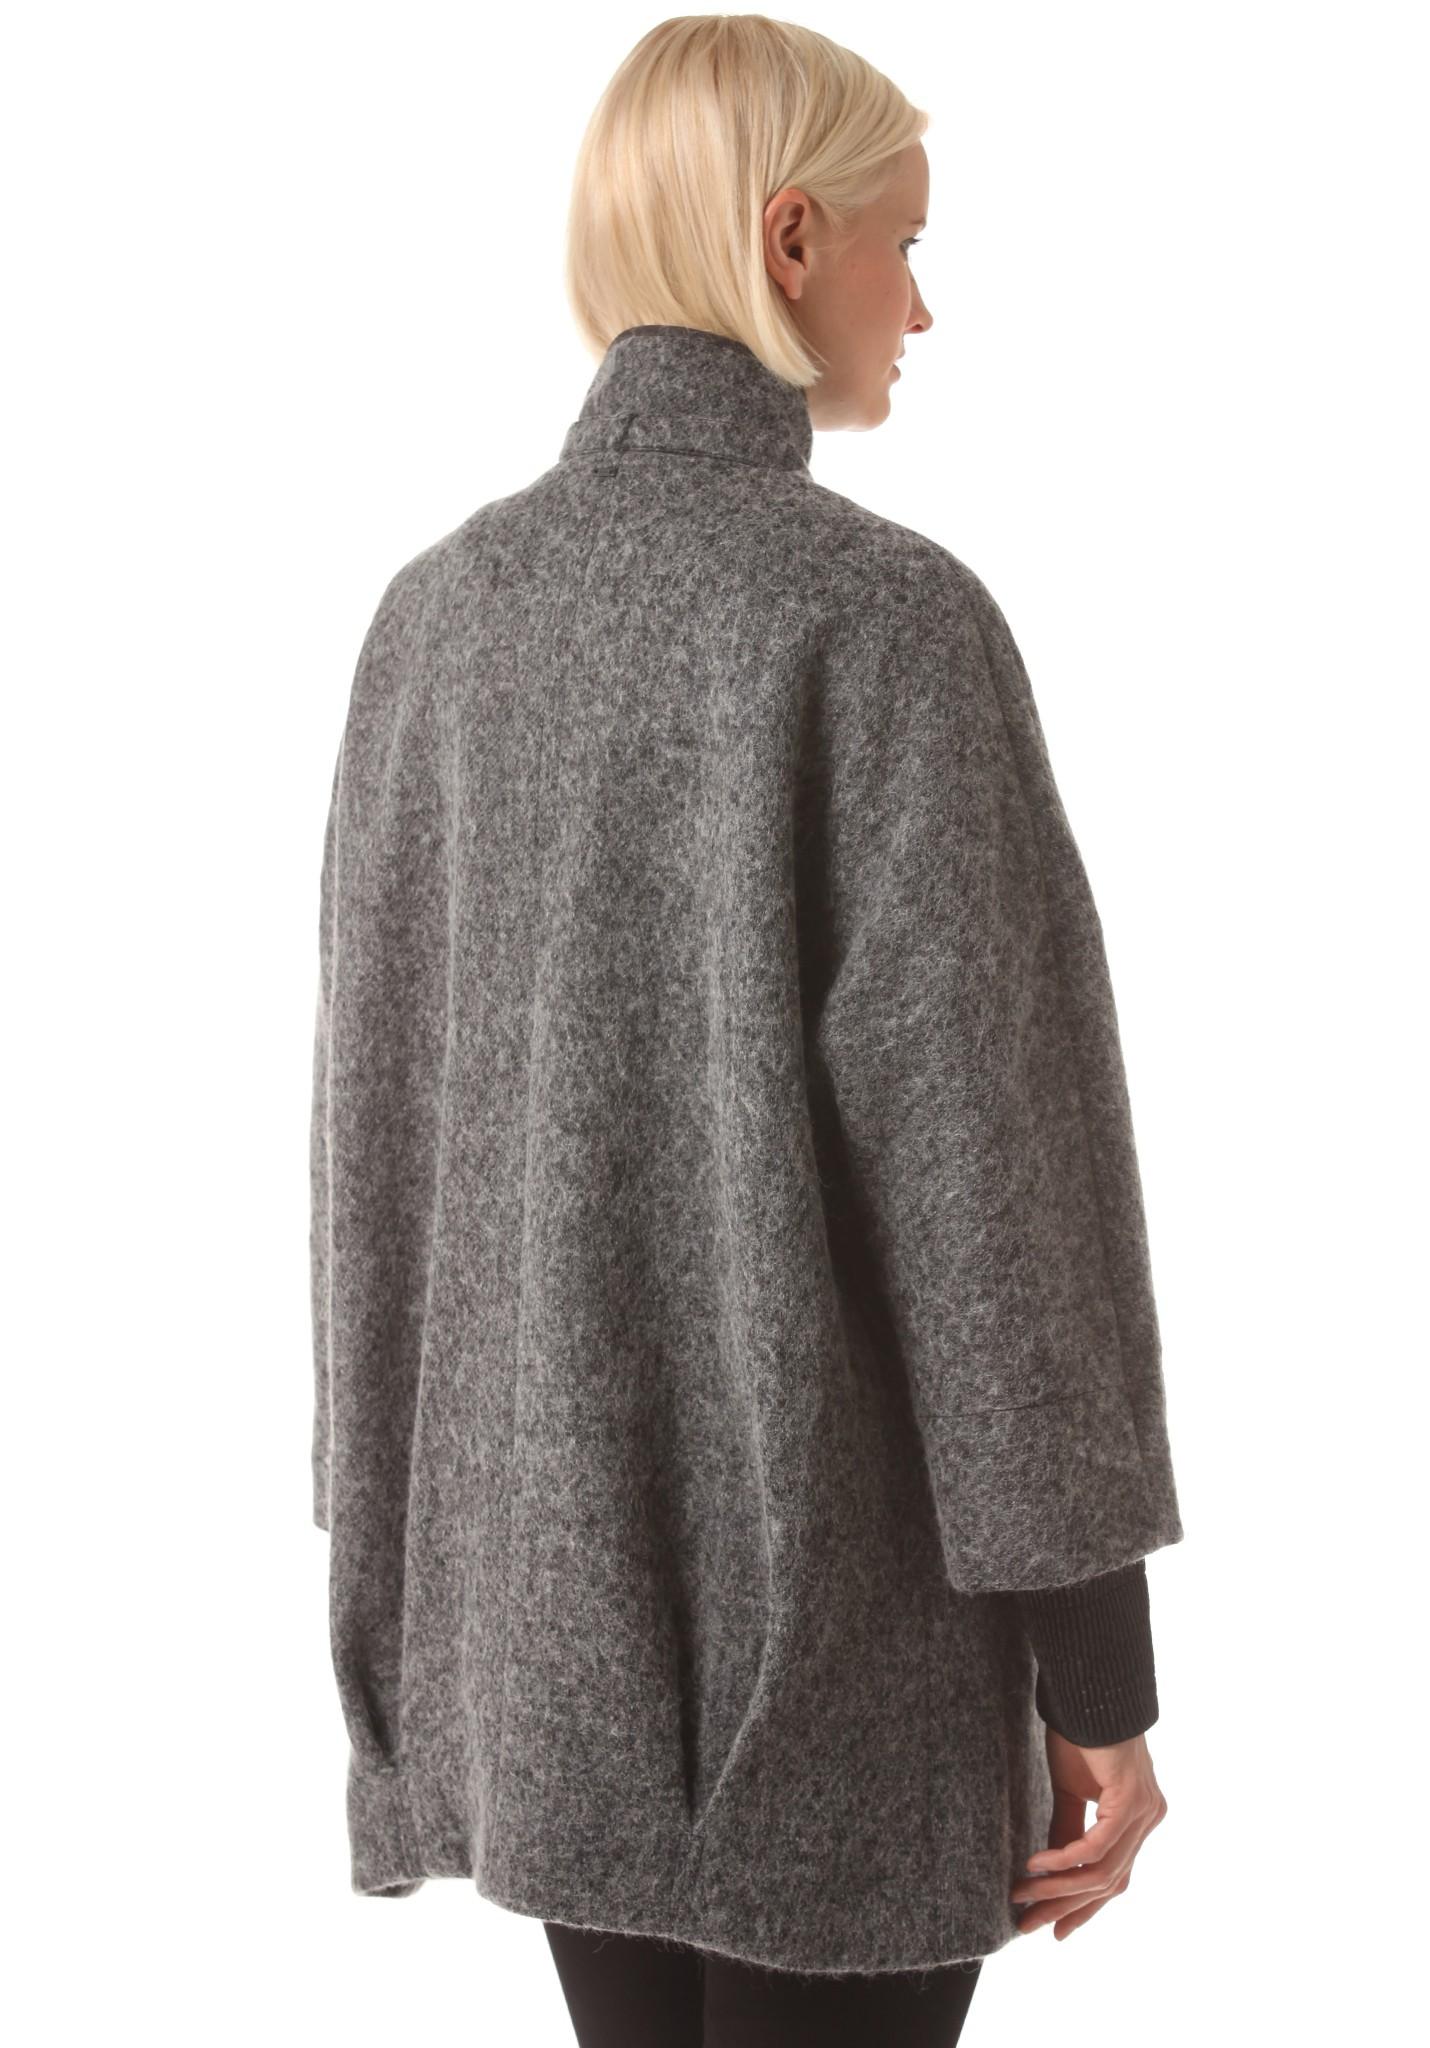 neu g star cocoon loose damen mantel ebay. Black Bedroom Furniture Sets. Home Design Ideas